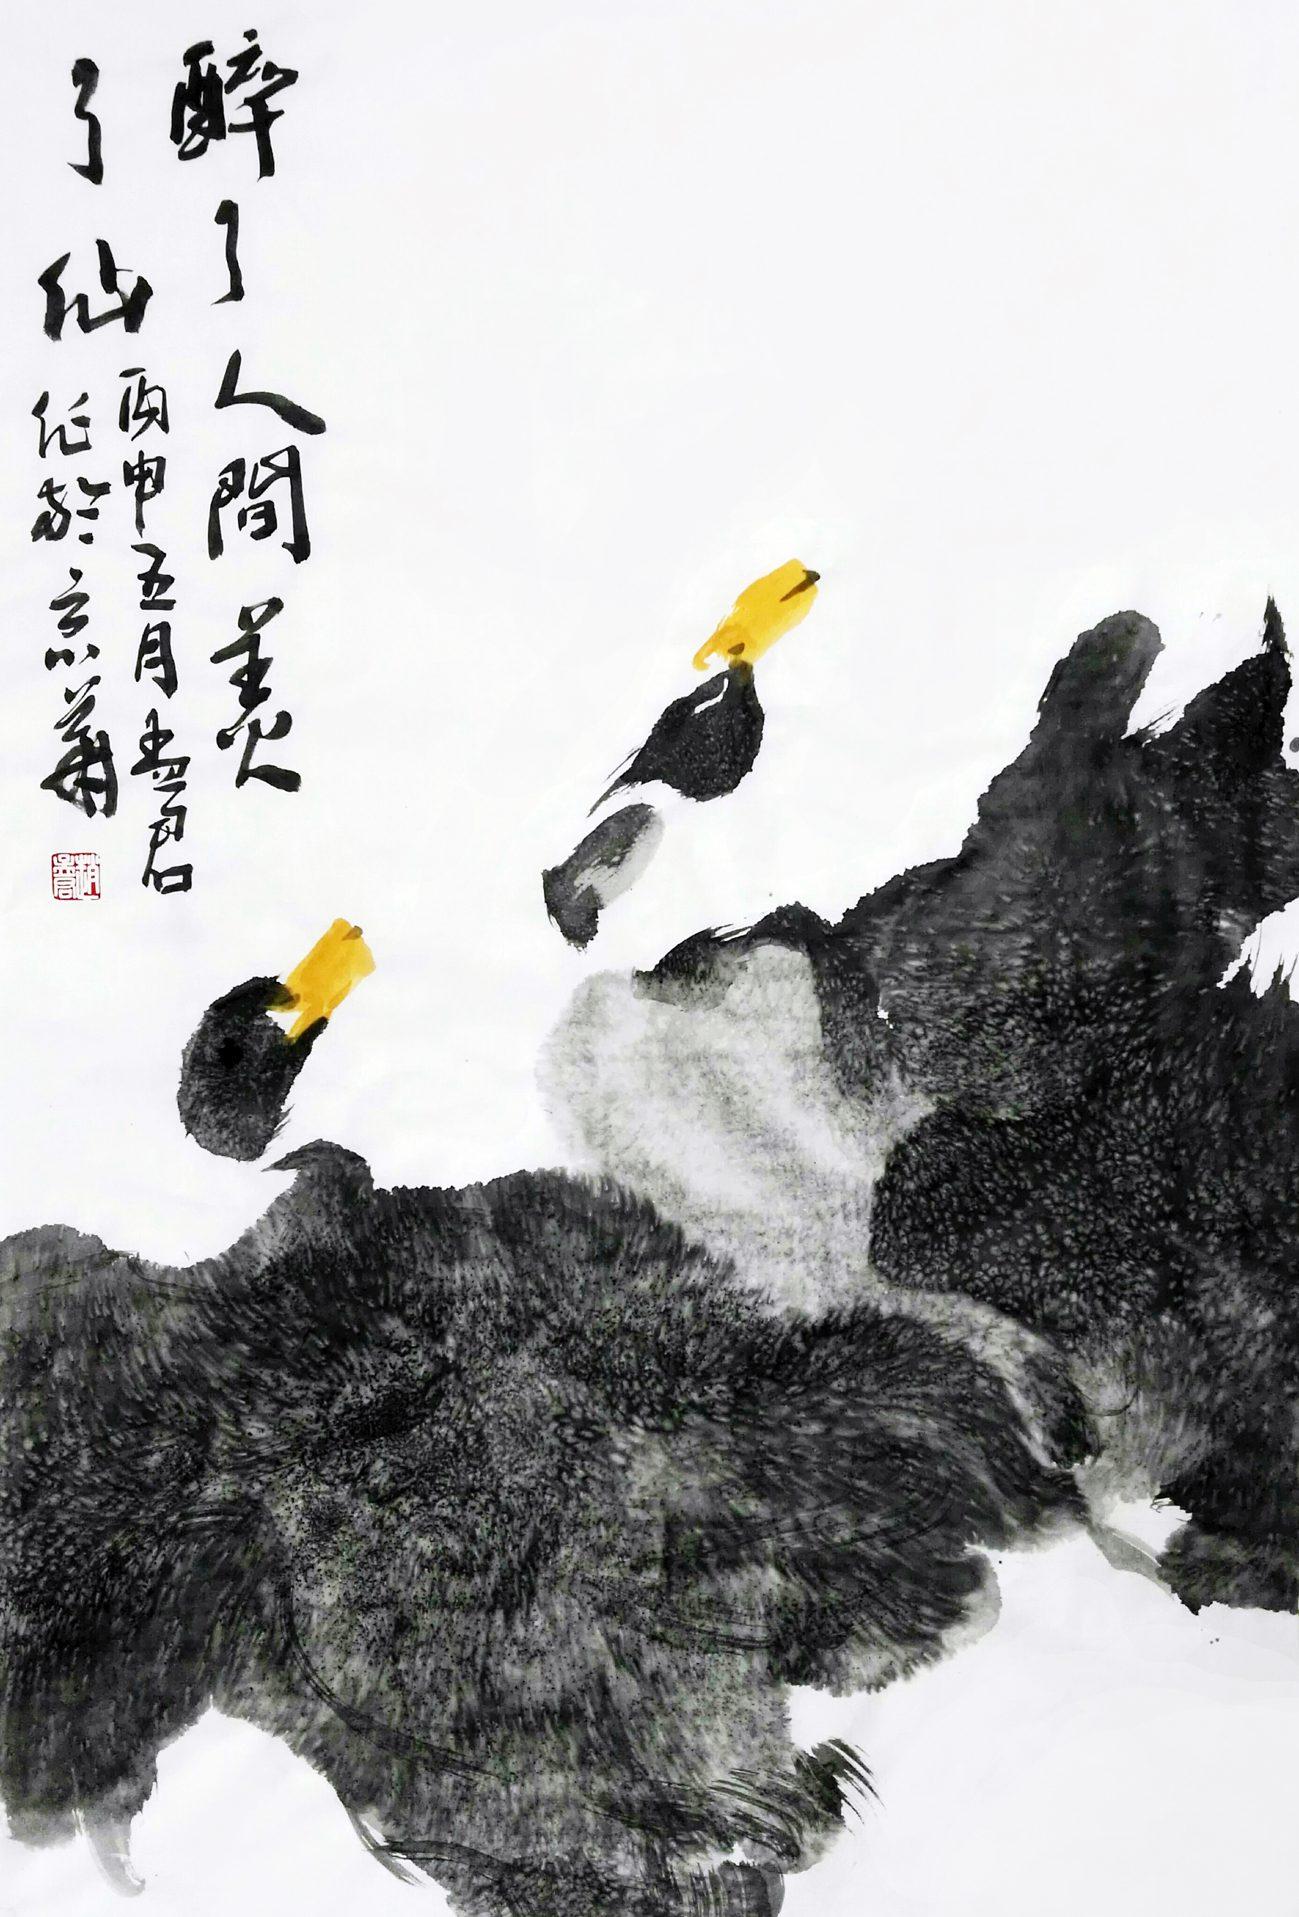 Zhao Mengjun Im Rausch erscheint die Welt unsterblich. 2016, Ink on rice paper, 103 x 70 cm, two wooden strips.